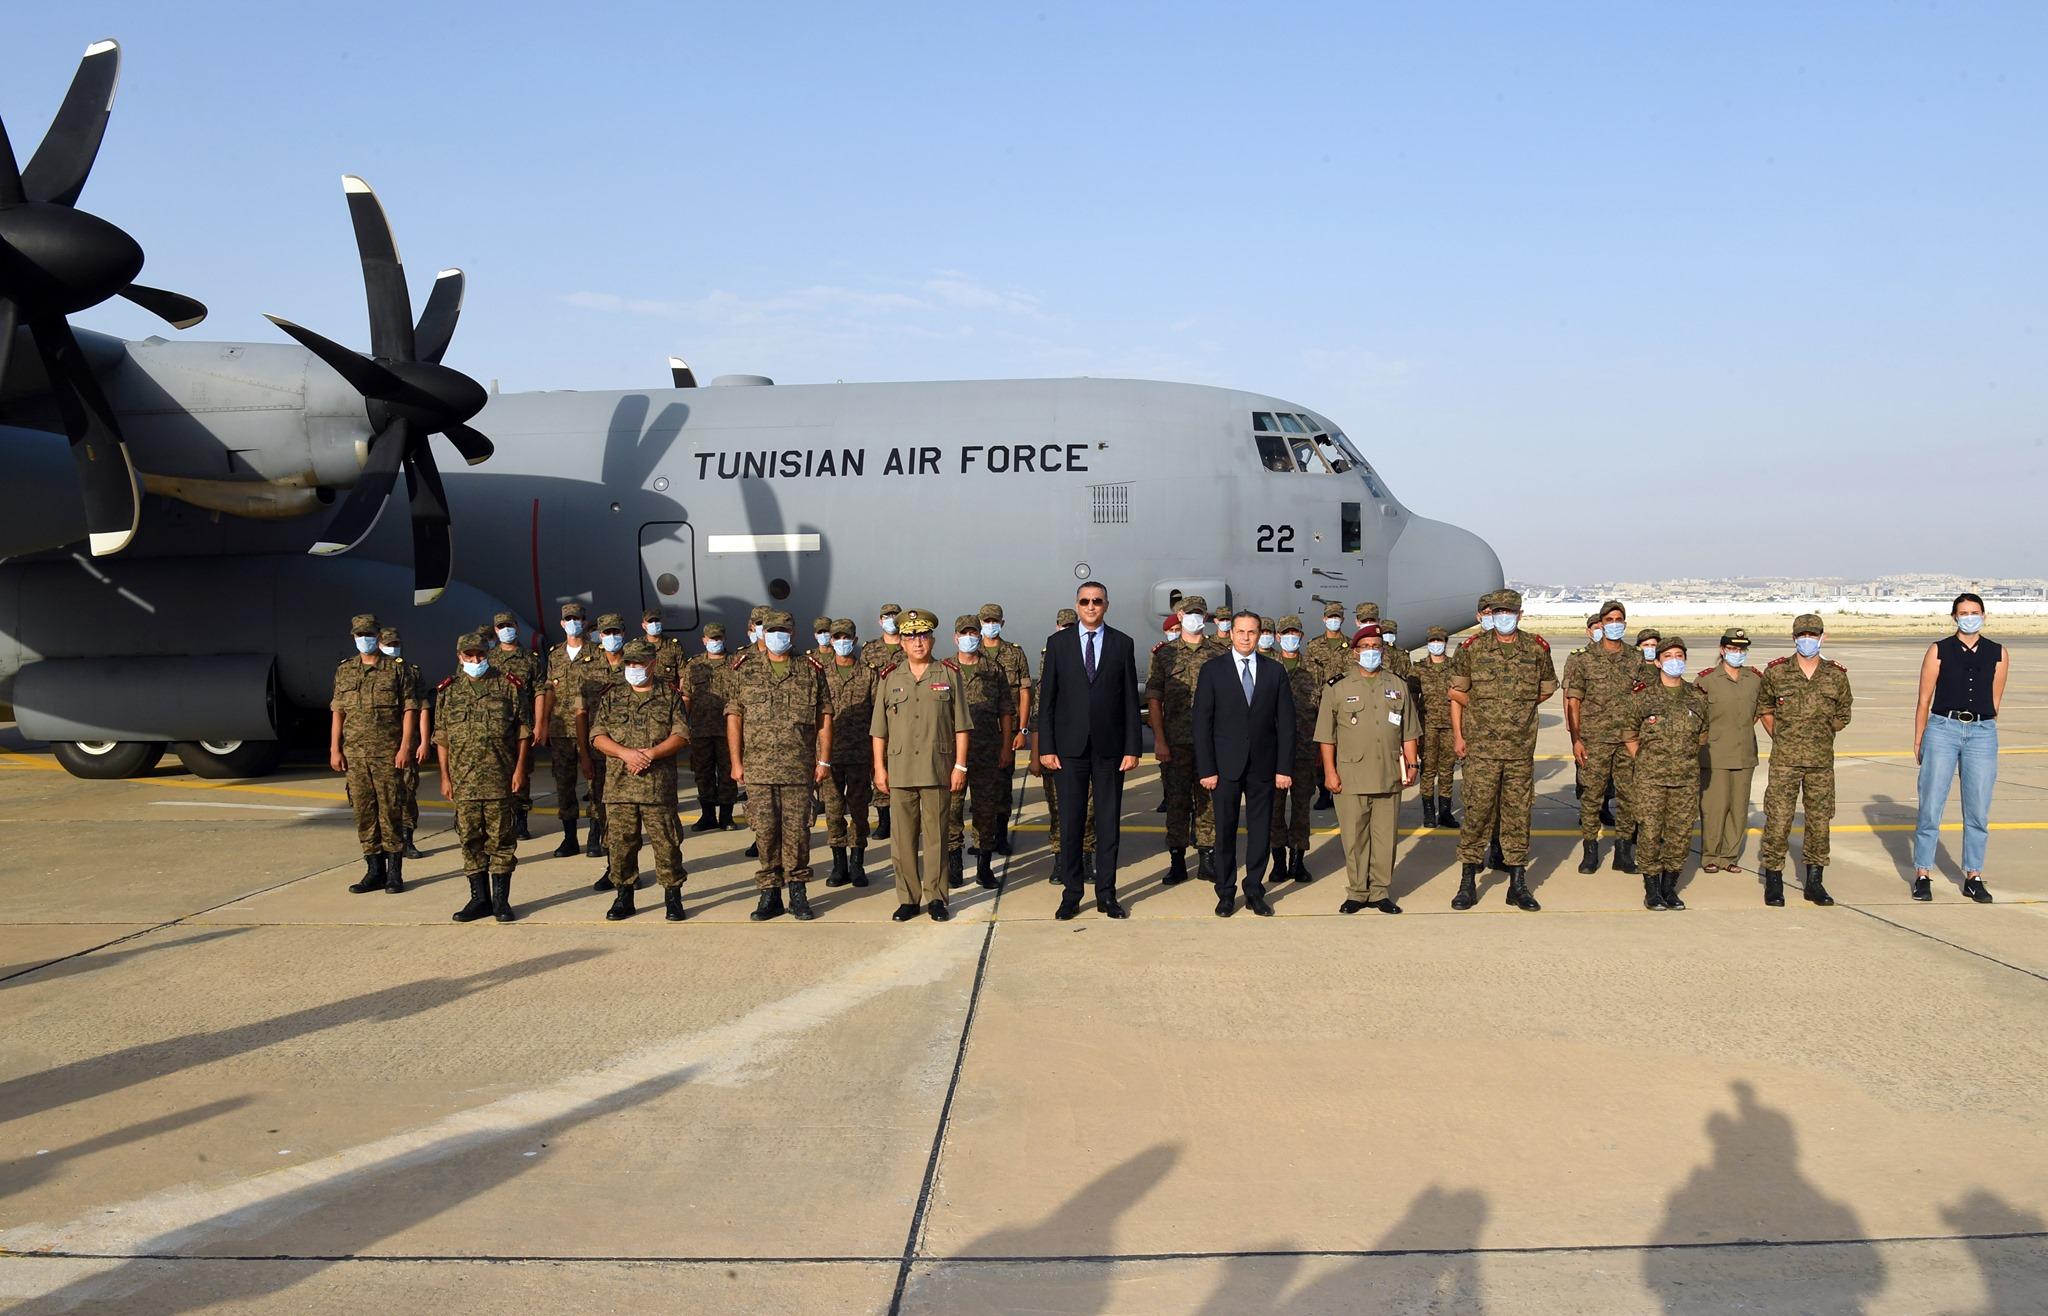 قيس سعيد يامر بارسال طائرة عسكرية الى الحامة